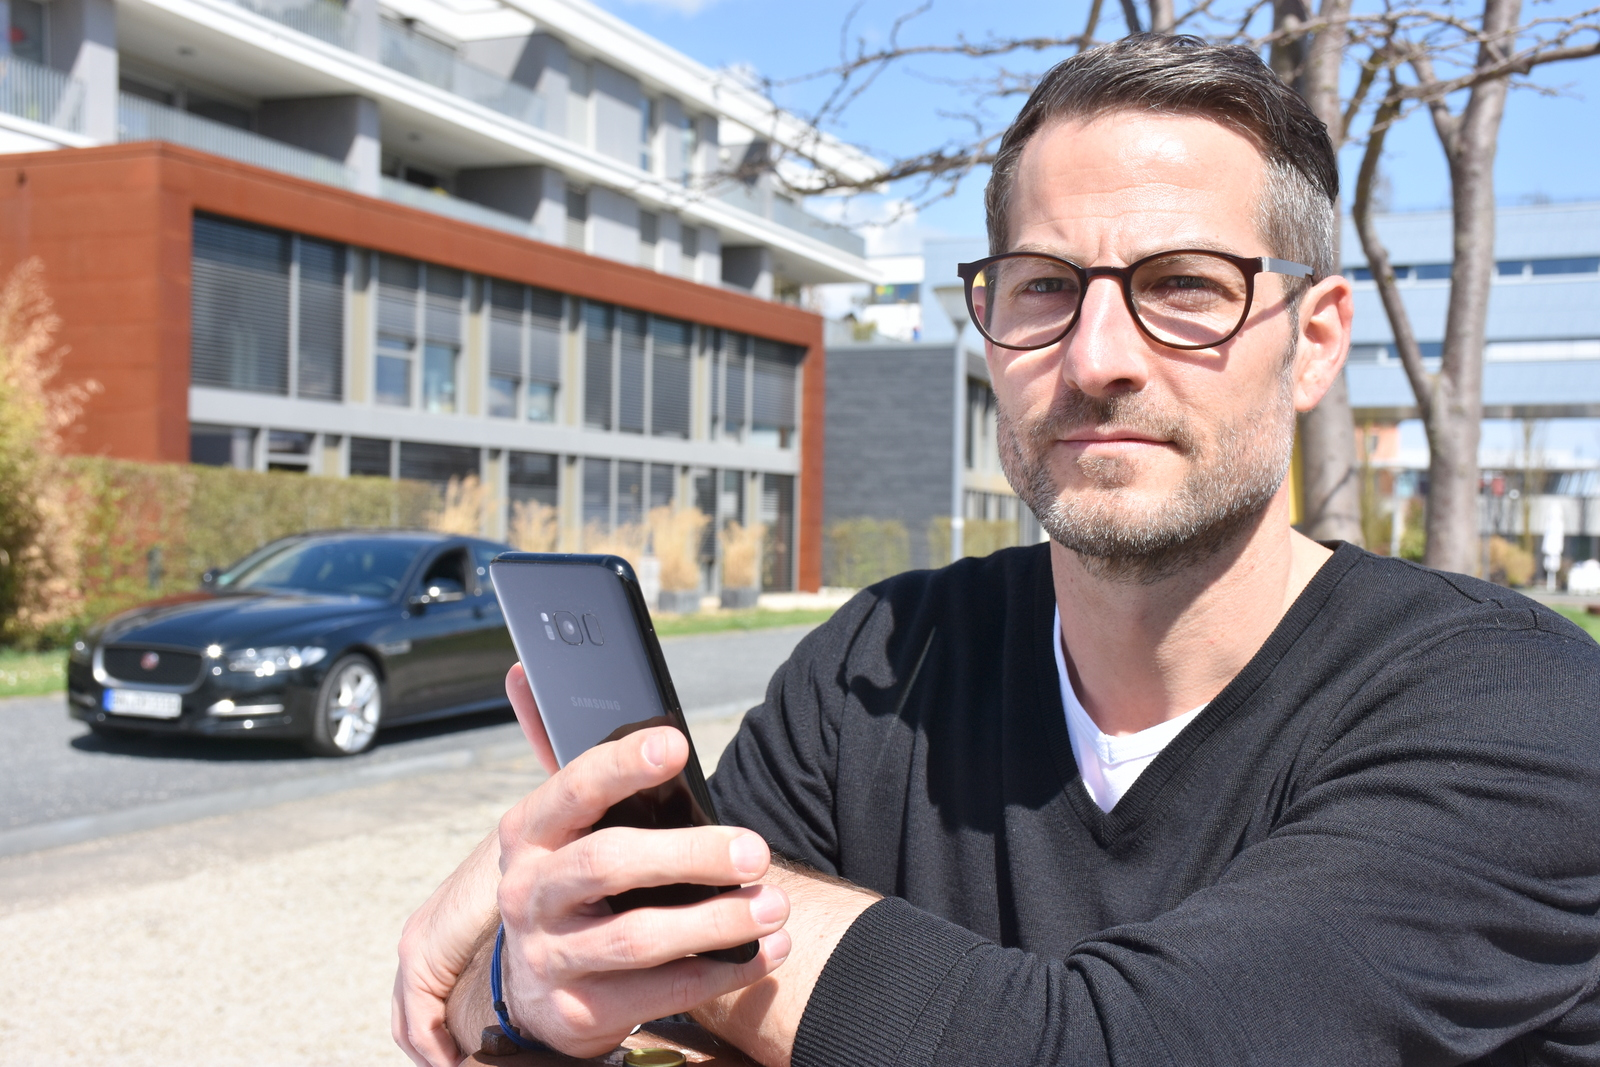 """Foto: """"Carmato"""" Motiv1 (Marc Herschbach): """"Carmato Geschäftsführer Marc Herschbach (42) hat seine 24jährige Praxiserfahrung im klassischen Automobilhandel und seine fachliche Kompetenz als verantwortlicher Leiter einer großen Automobilhandelsgruppe in das digitale Geschäftsmodell übertragen."""""""